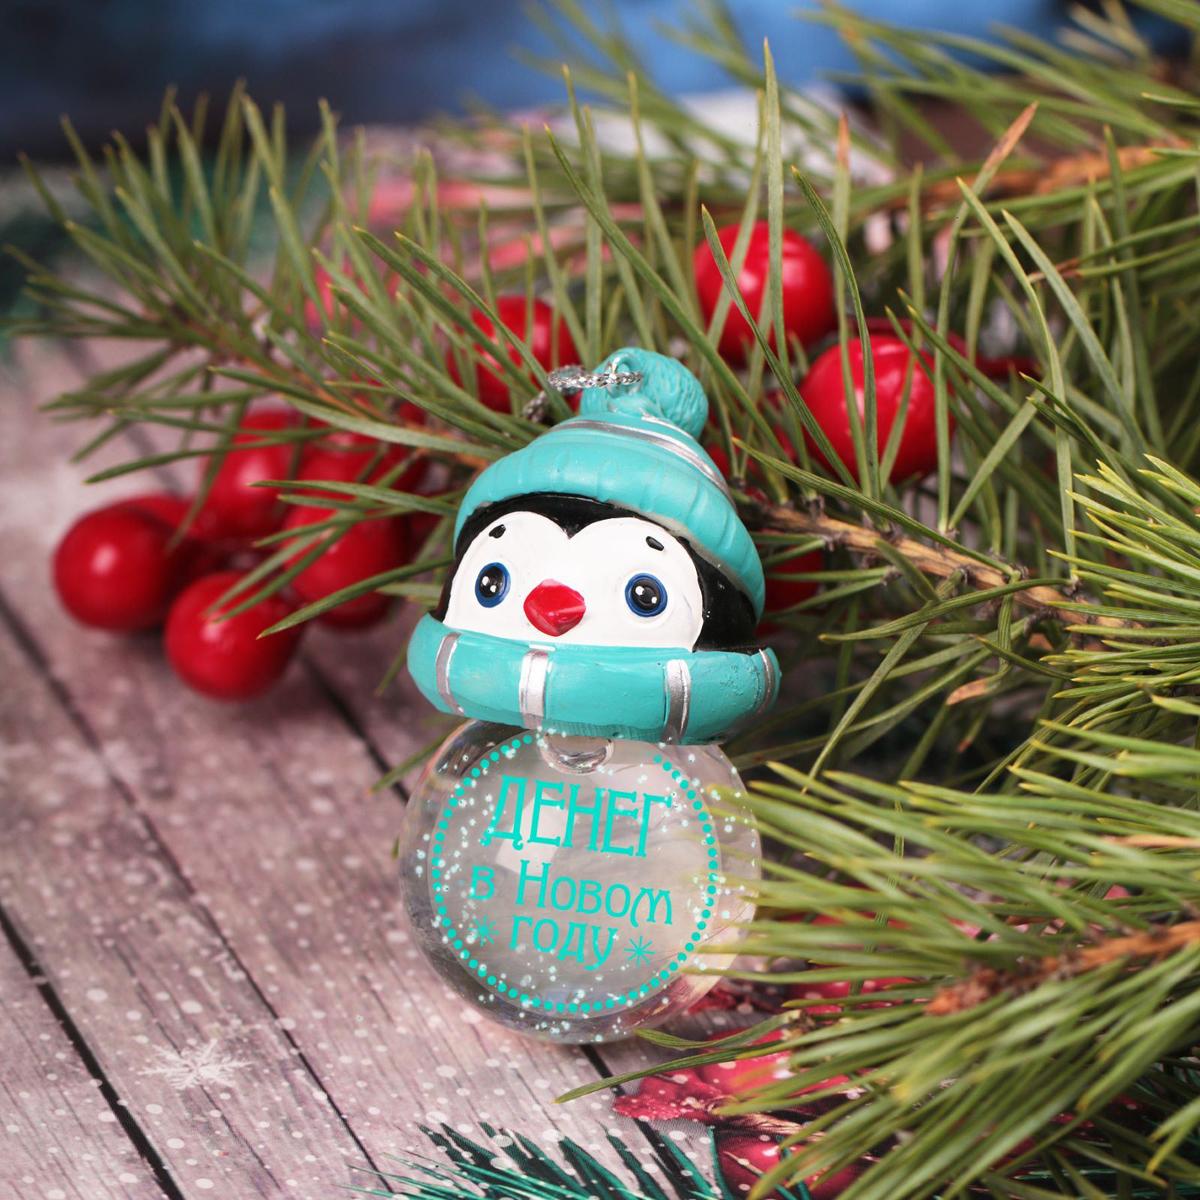 Новогоднее подвесное украшение Sima-land Денег в Новом году, светящееся, 6,3 см1366198Новогоднее украшение Sima-land отлично подойдет для декорации вашего дома и новогодней ели. Елочная игрушка - символ Нового года. Она несет в себе волшебство и красоту праздника. Такое украшение создаст в вашем доме атмосферу праздника, веселья и радости.